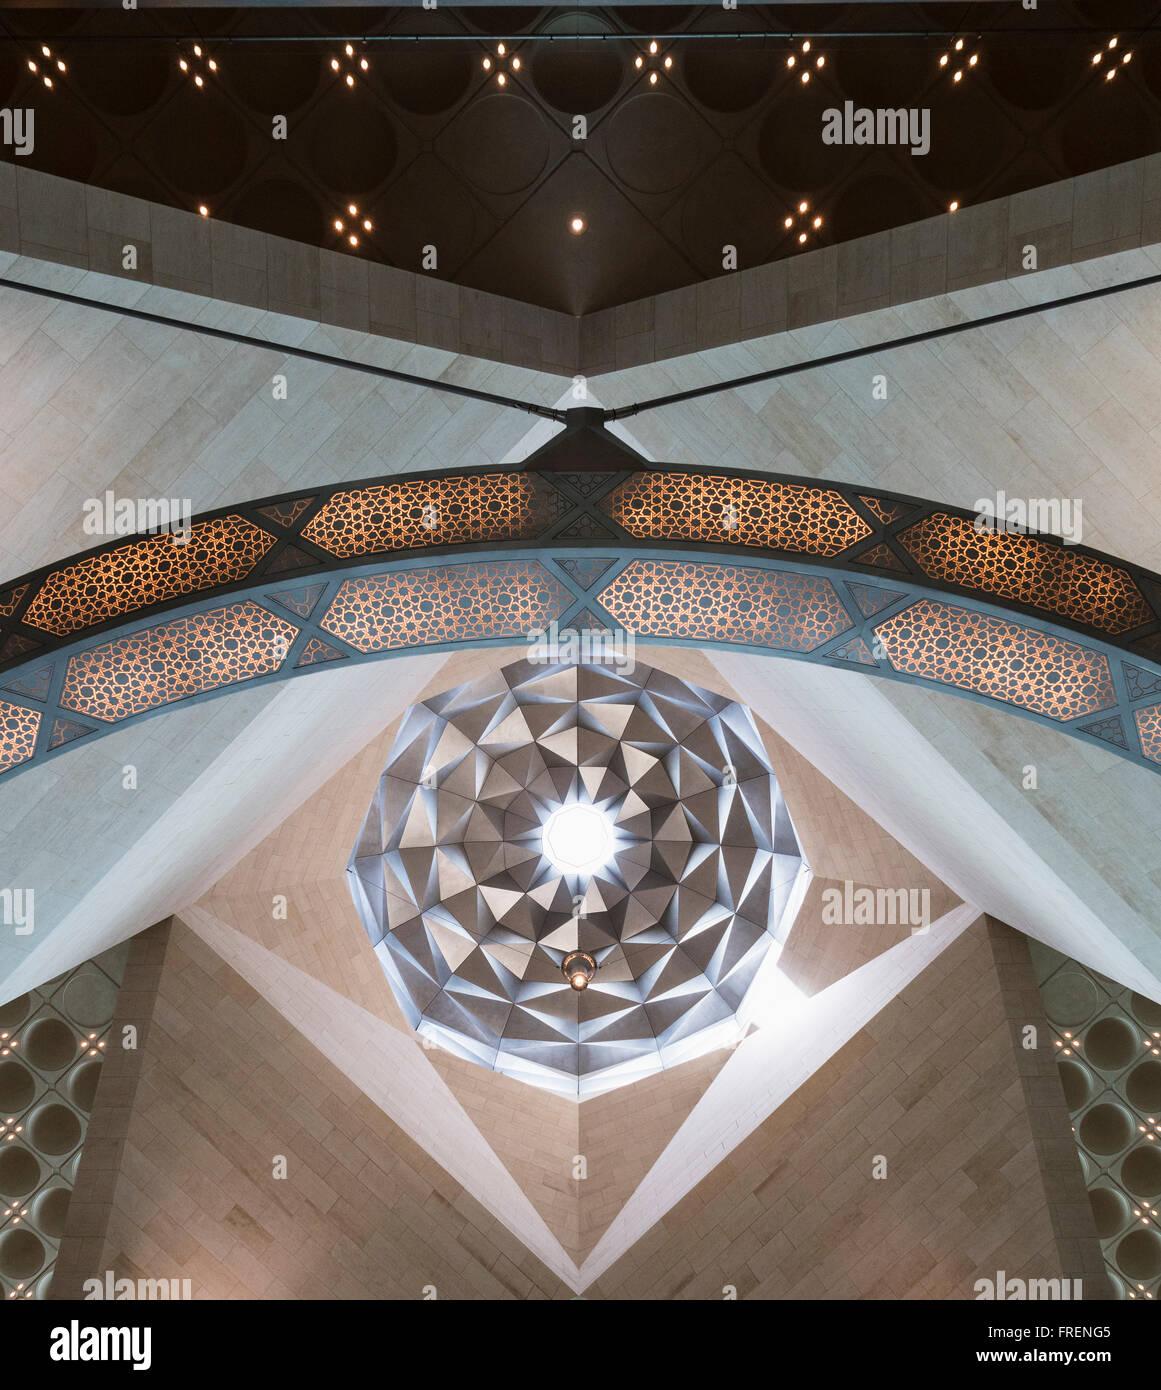 Vista interior de detalles arquitectónicos del techo en el Museo de Arte Islámico en Doha (Qatar) Imagen De Stock